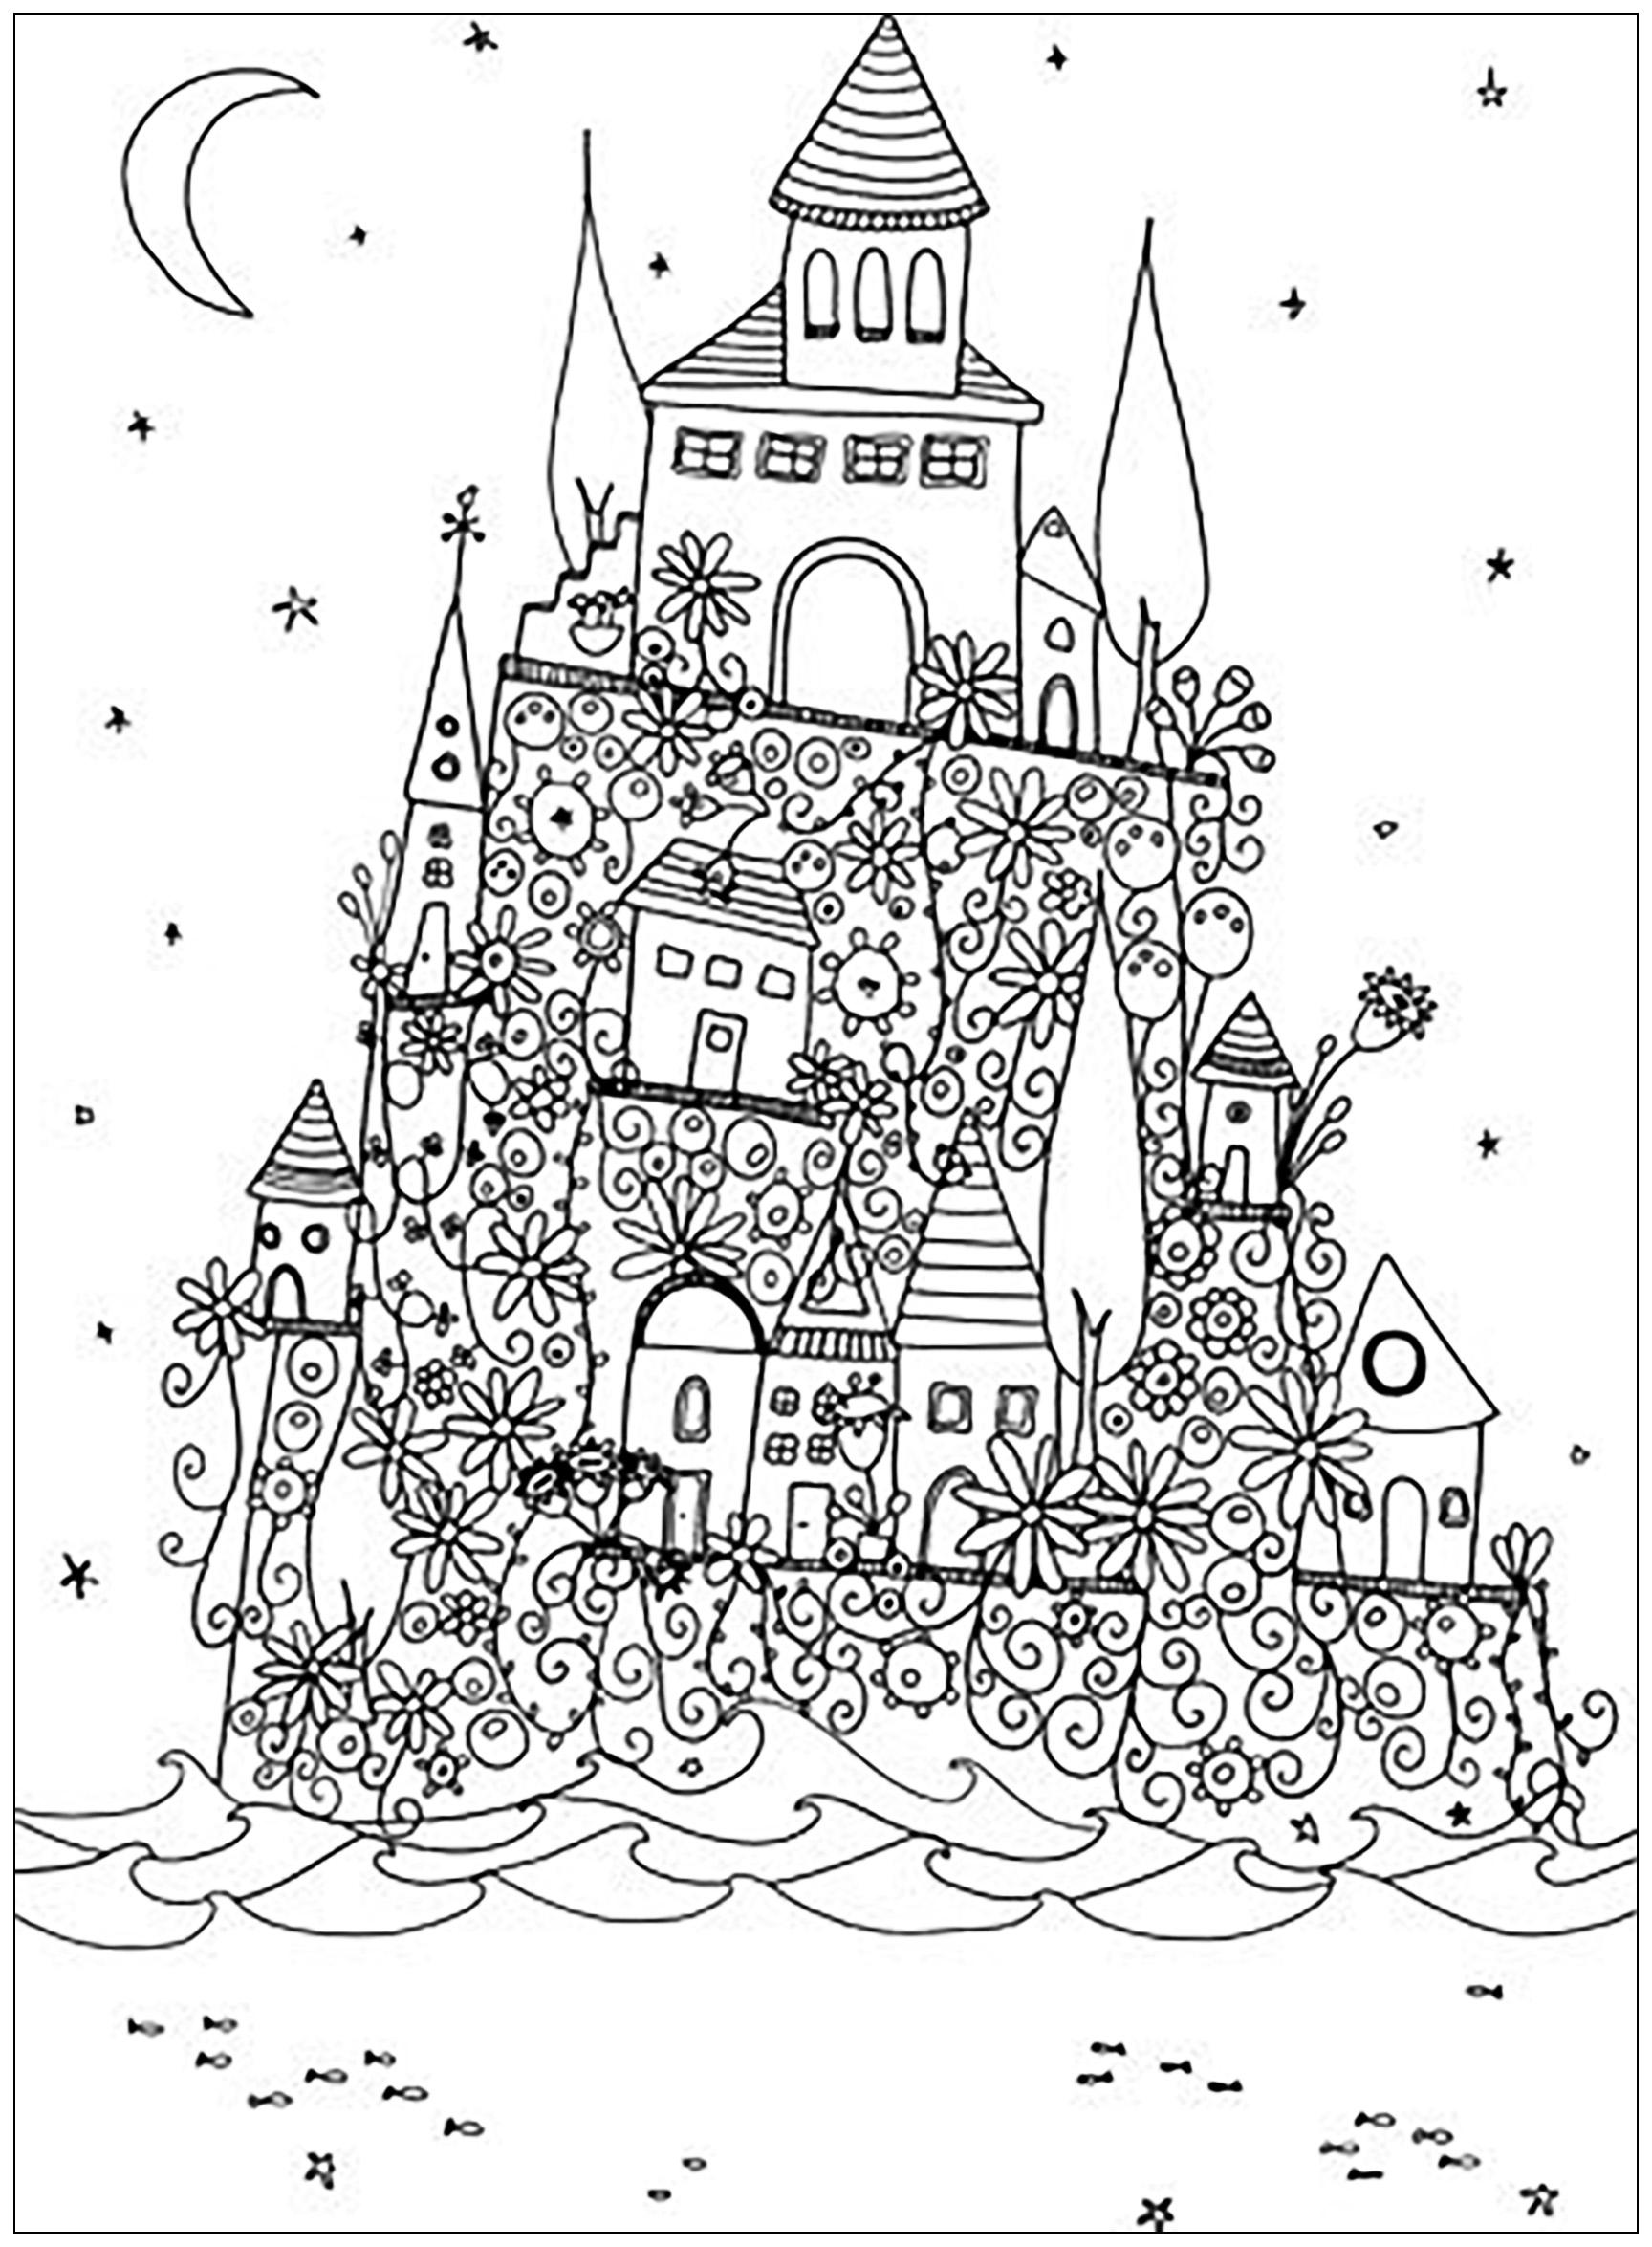 Chateau imaginaire architecture et habitation - Chateau coloriage ...